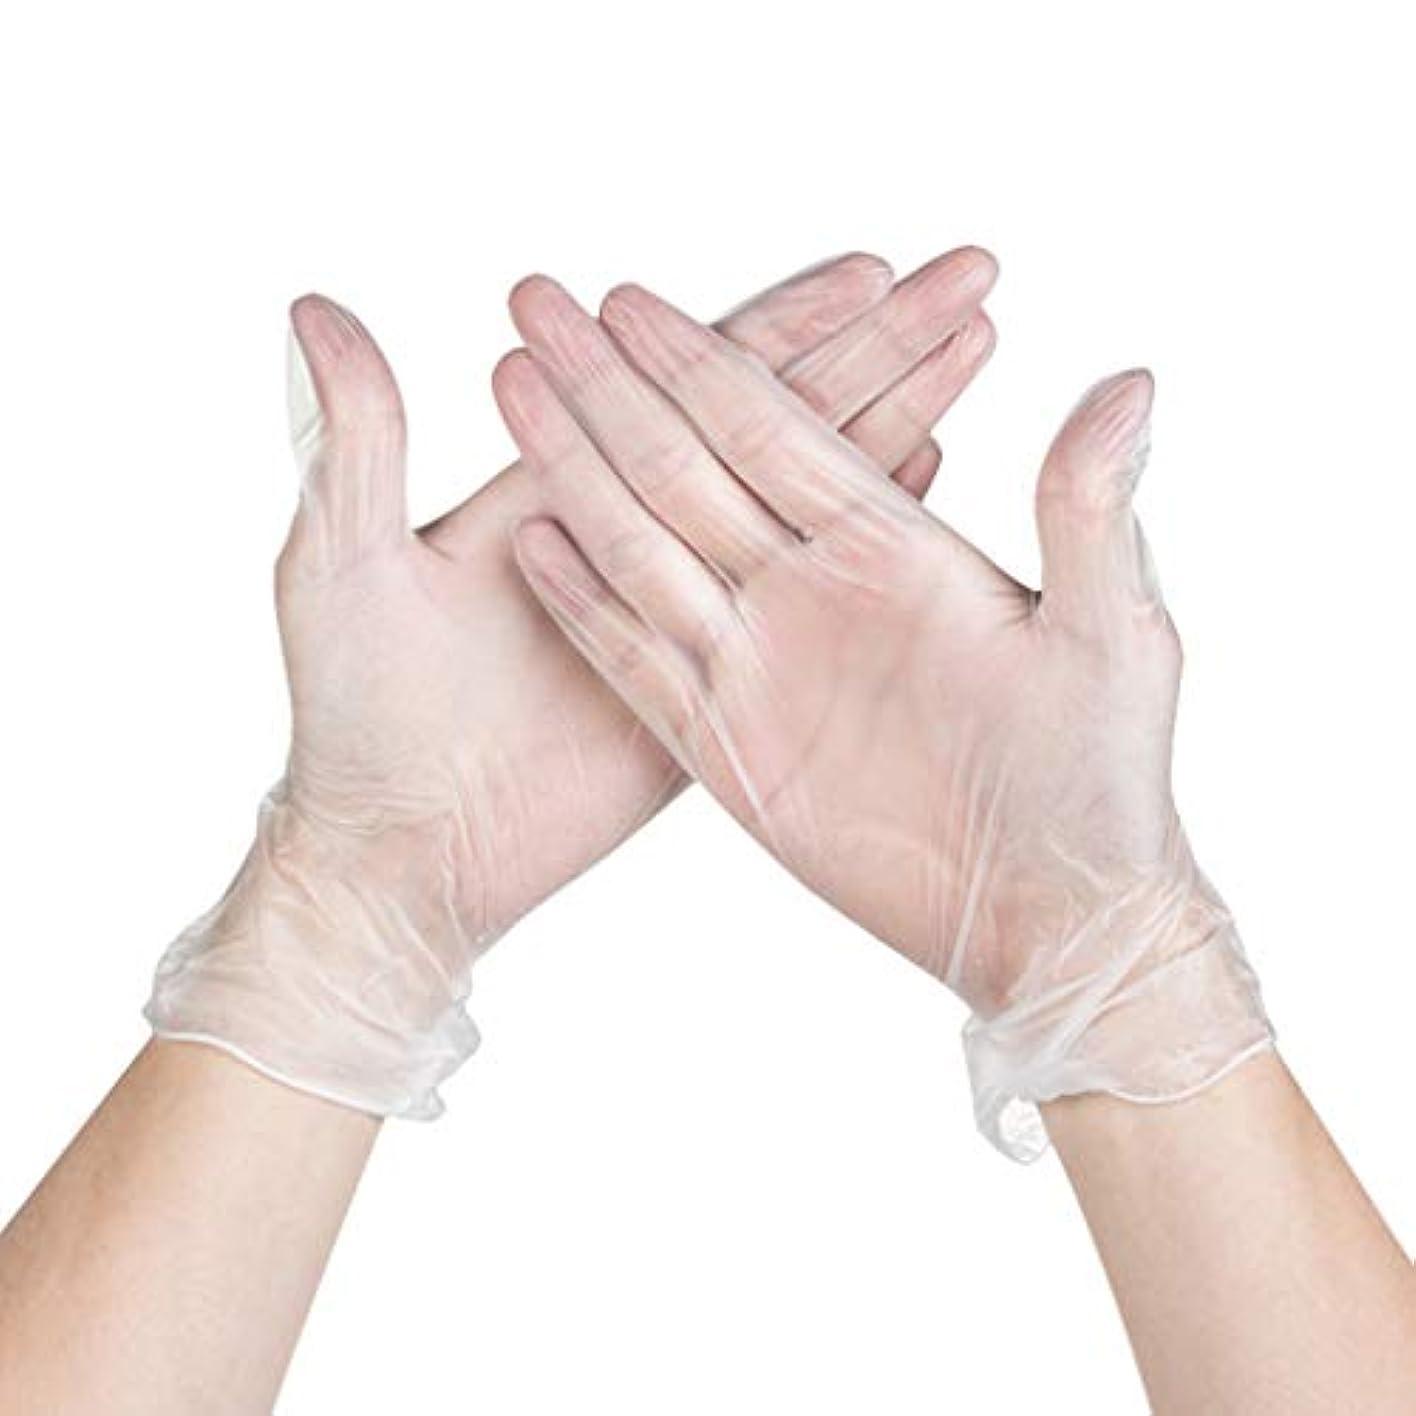 早いコロニアル獣パウダーフリーの使い捨て医療検査食品電子修理ホーム透明PVC使い捨て手袋箱入り YANW (色 : トランスペアレント, サイズ さいず : M m)